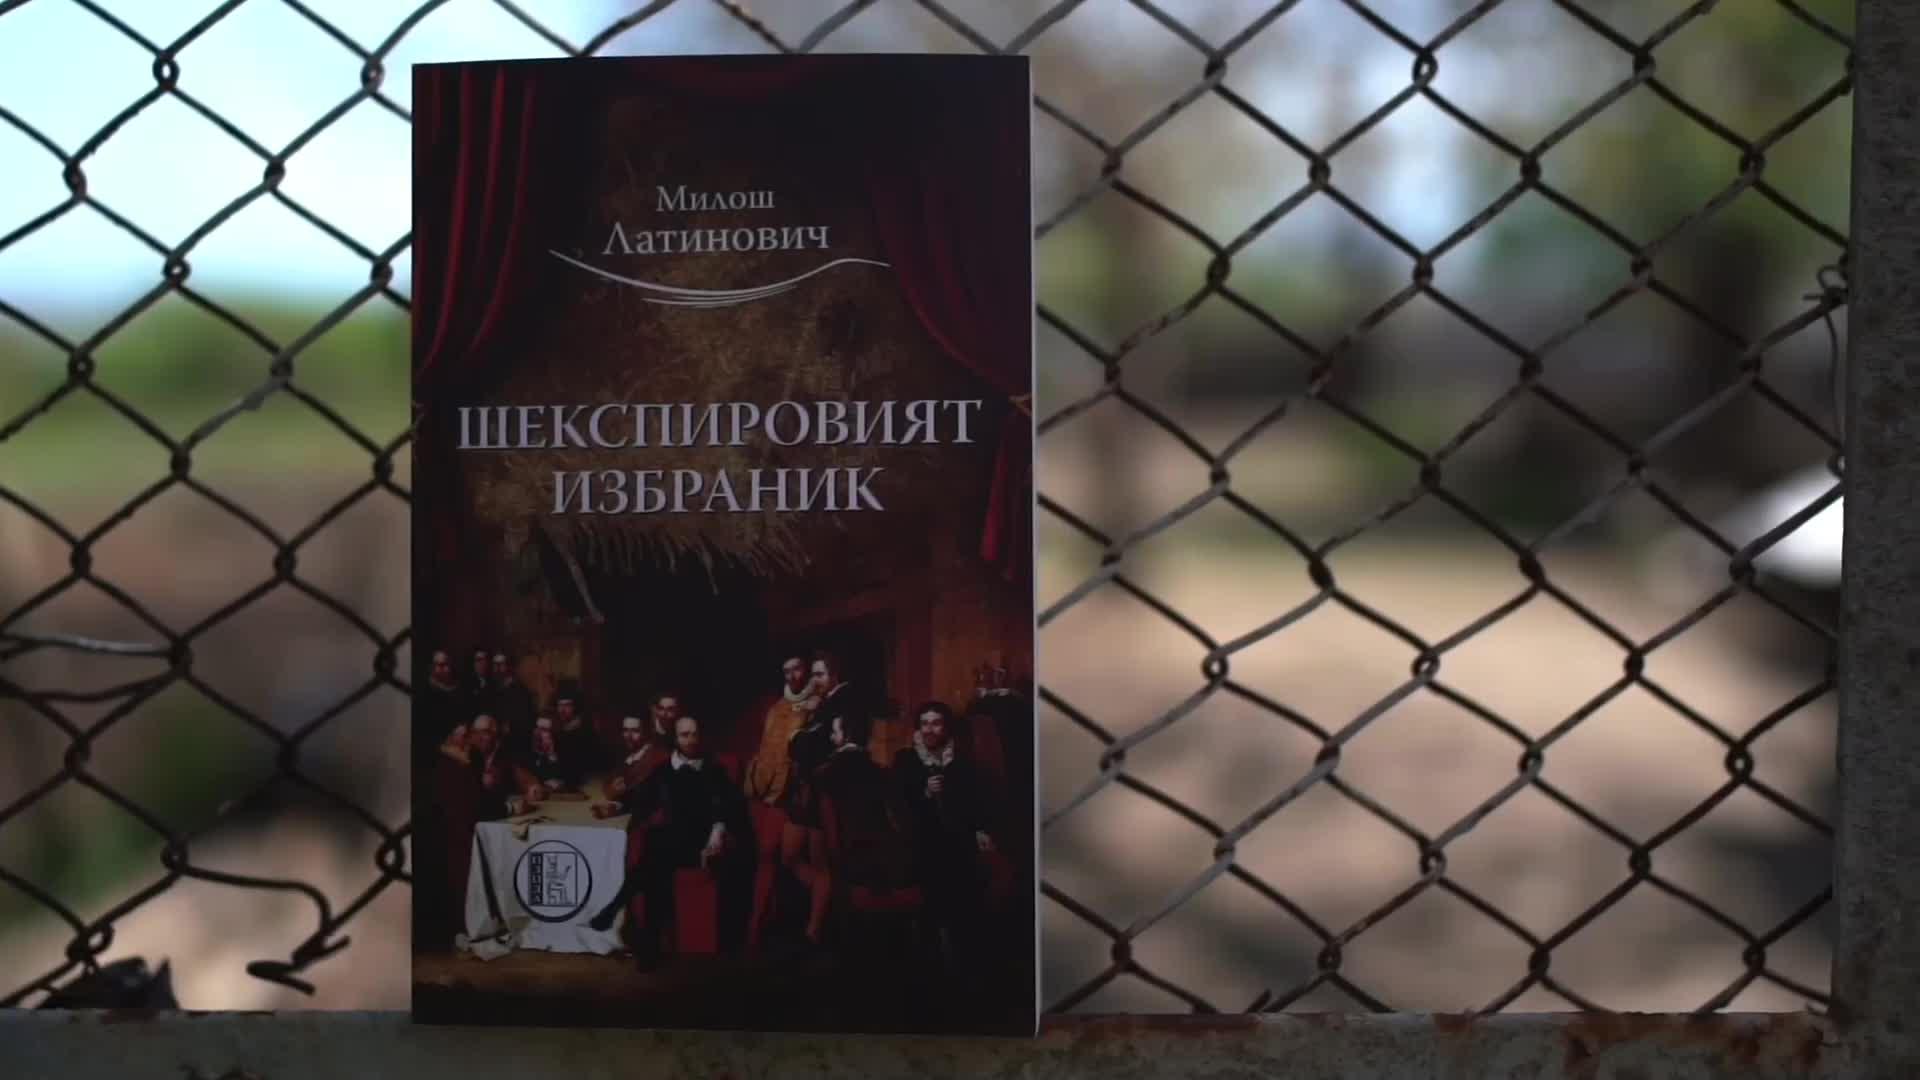 Шекспировият избраник – Милош Латинович